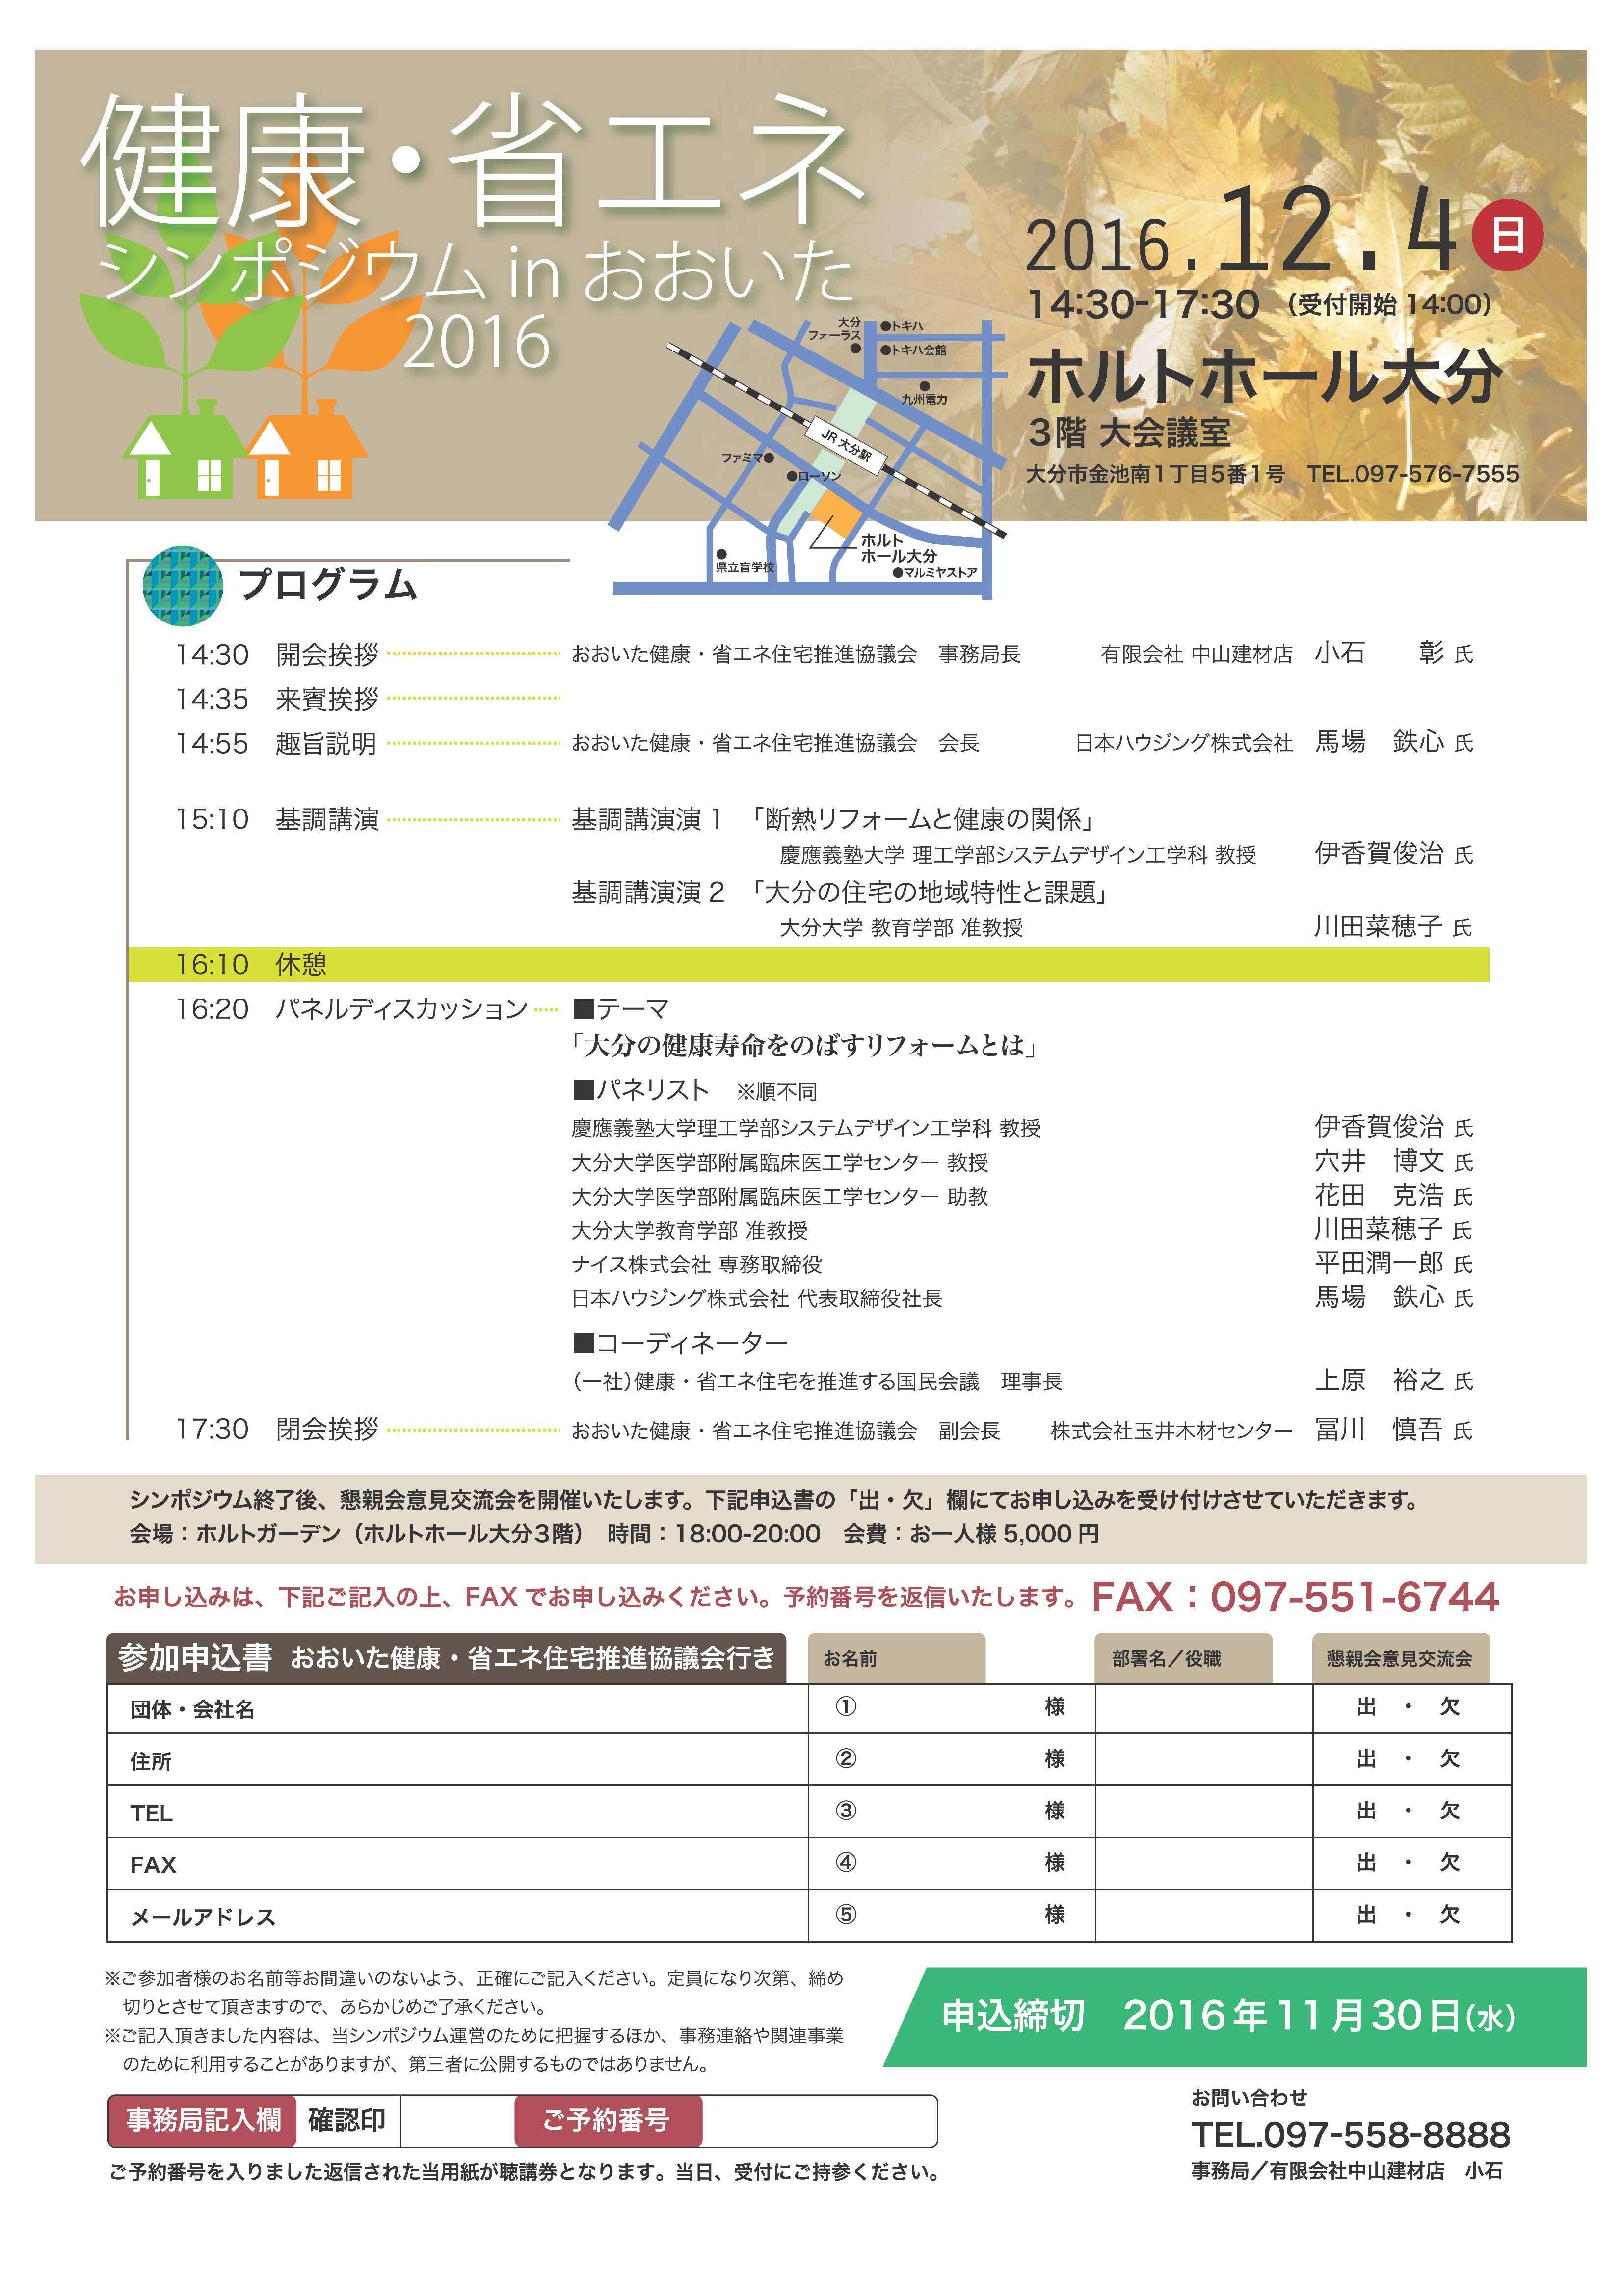 2016シンポジウム_裏面2